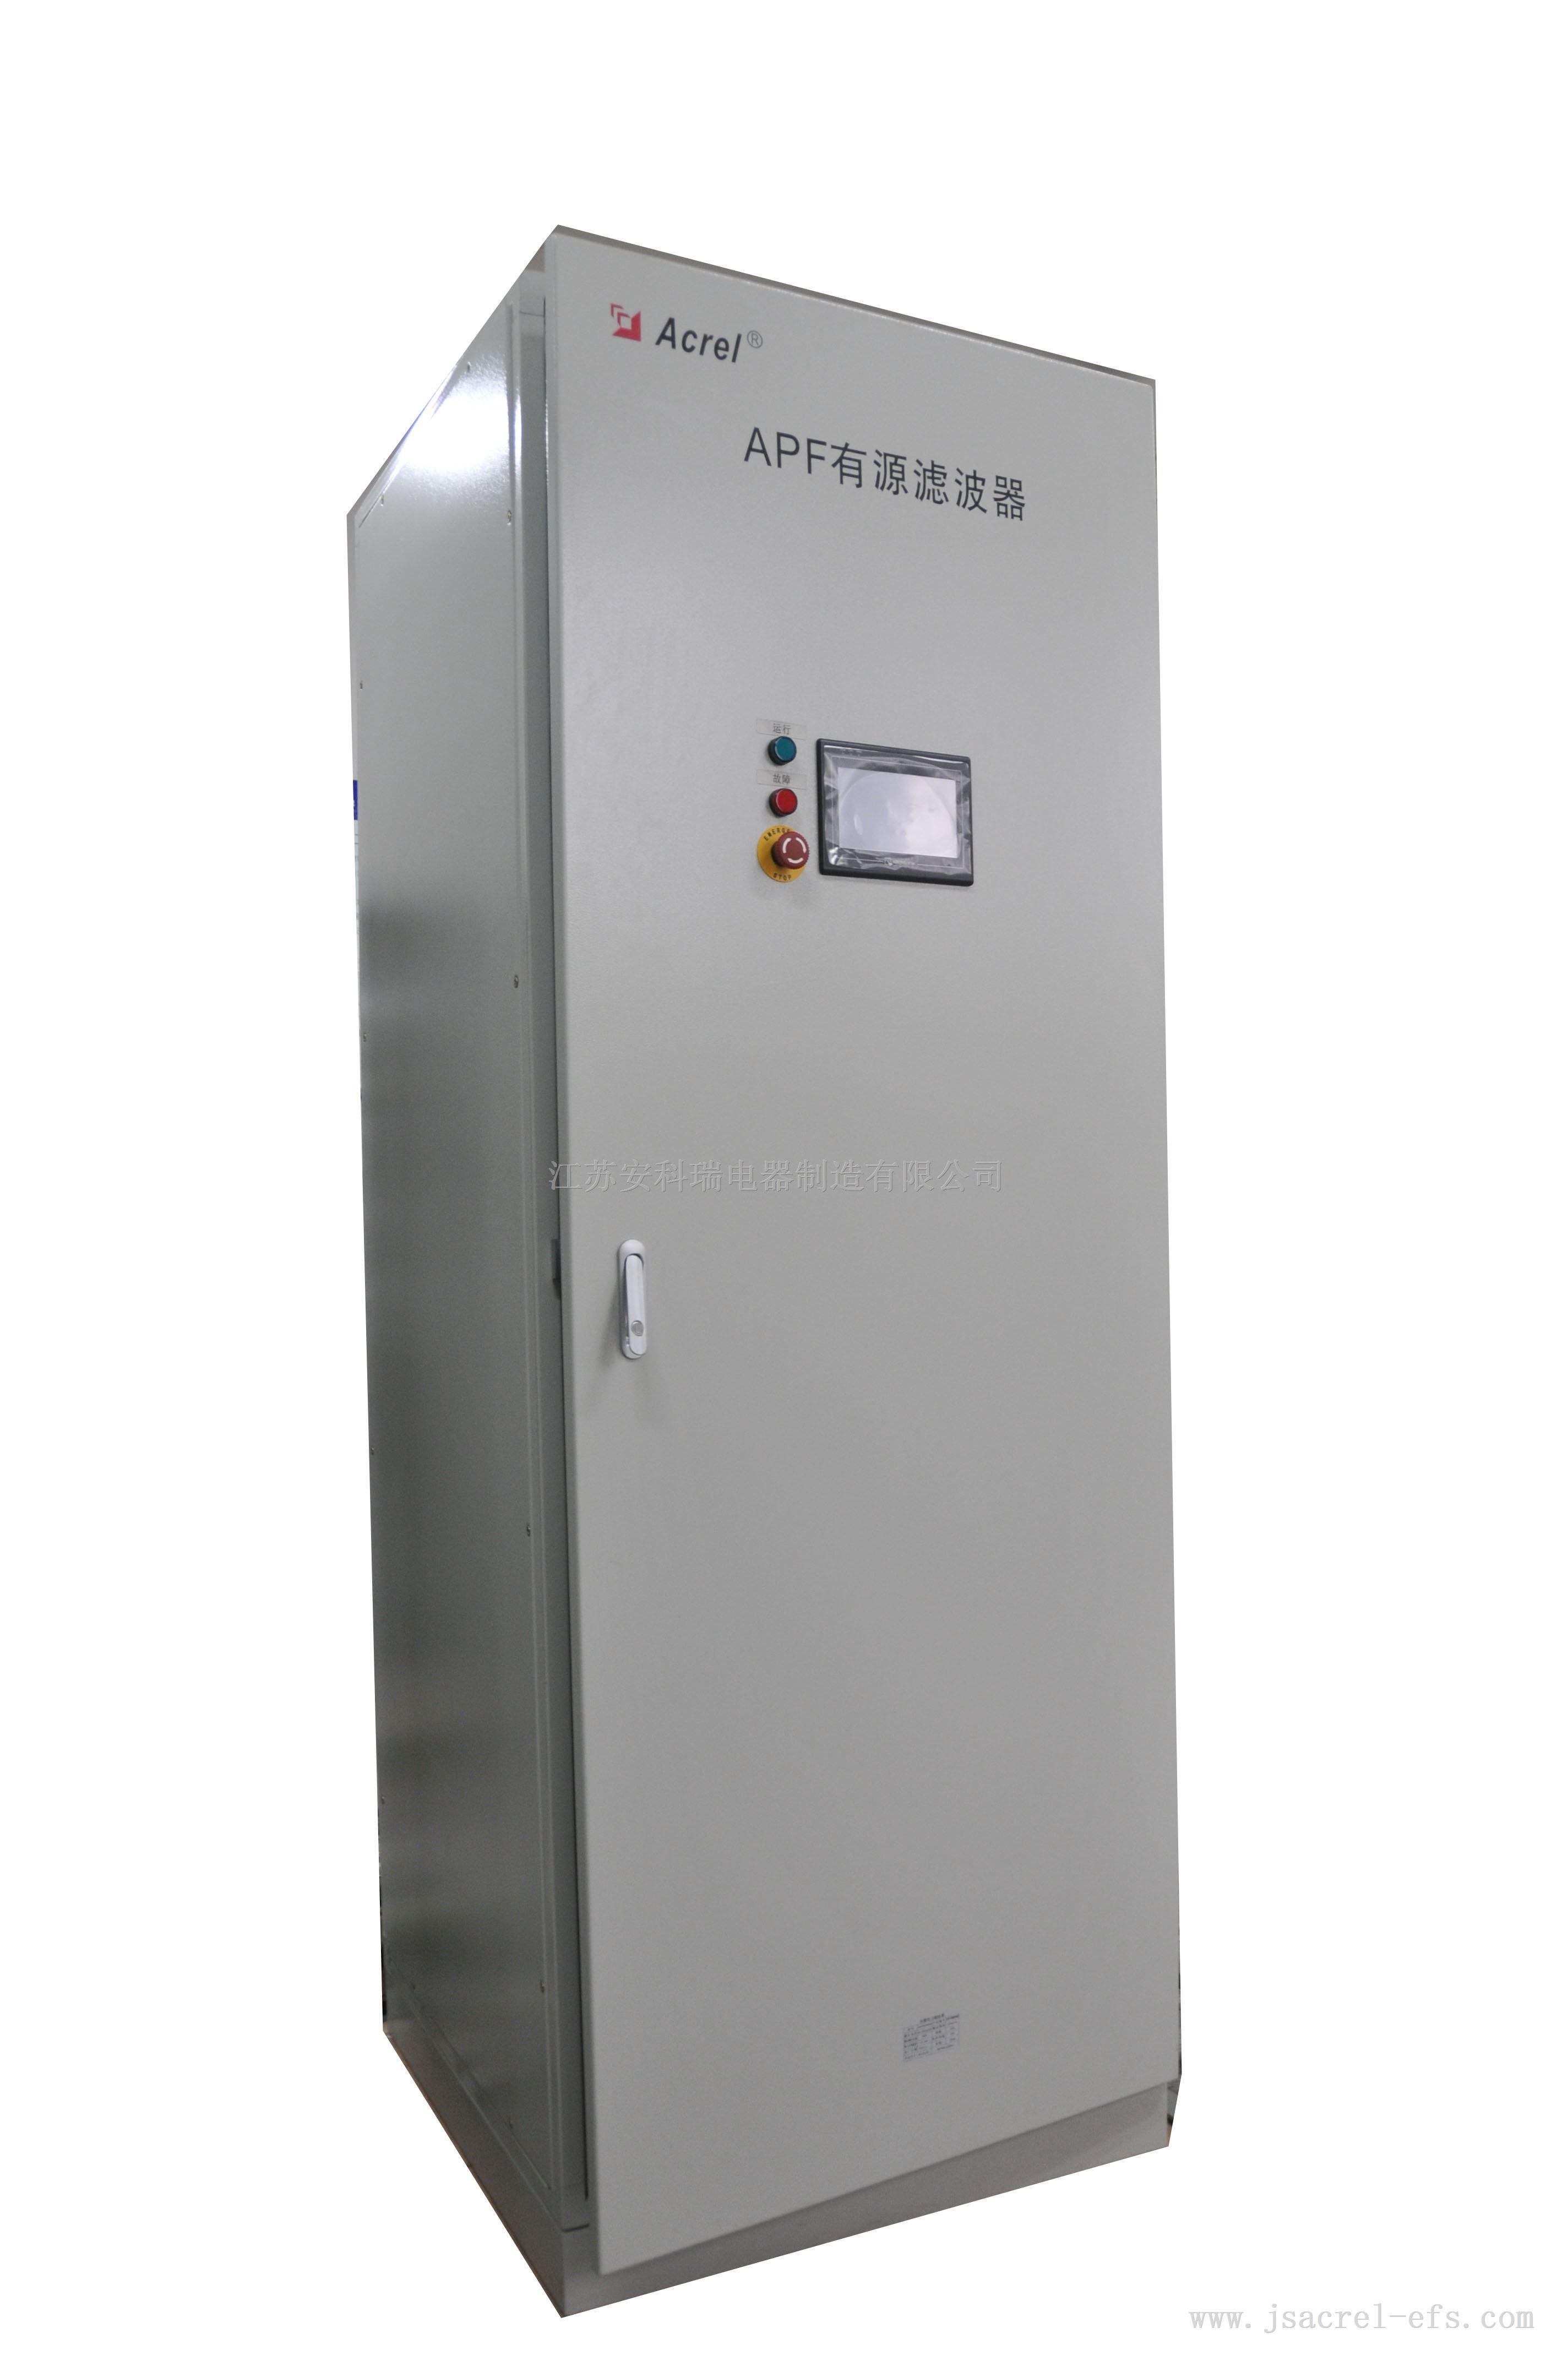 江蘇百家樂網頁遊戲ANAPF30-380/A有源濾波櫃